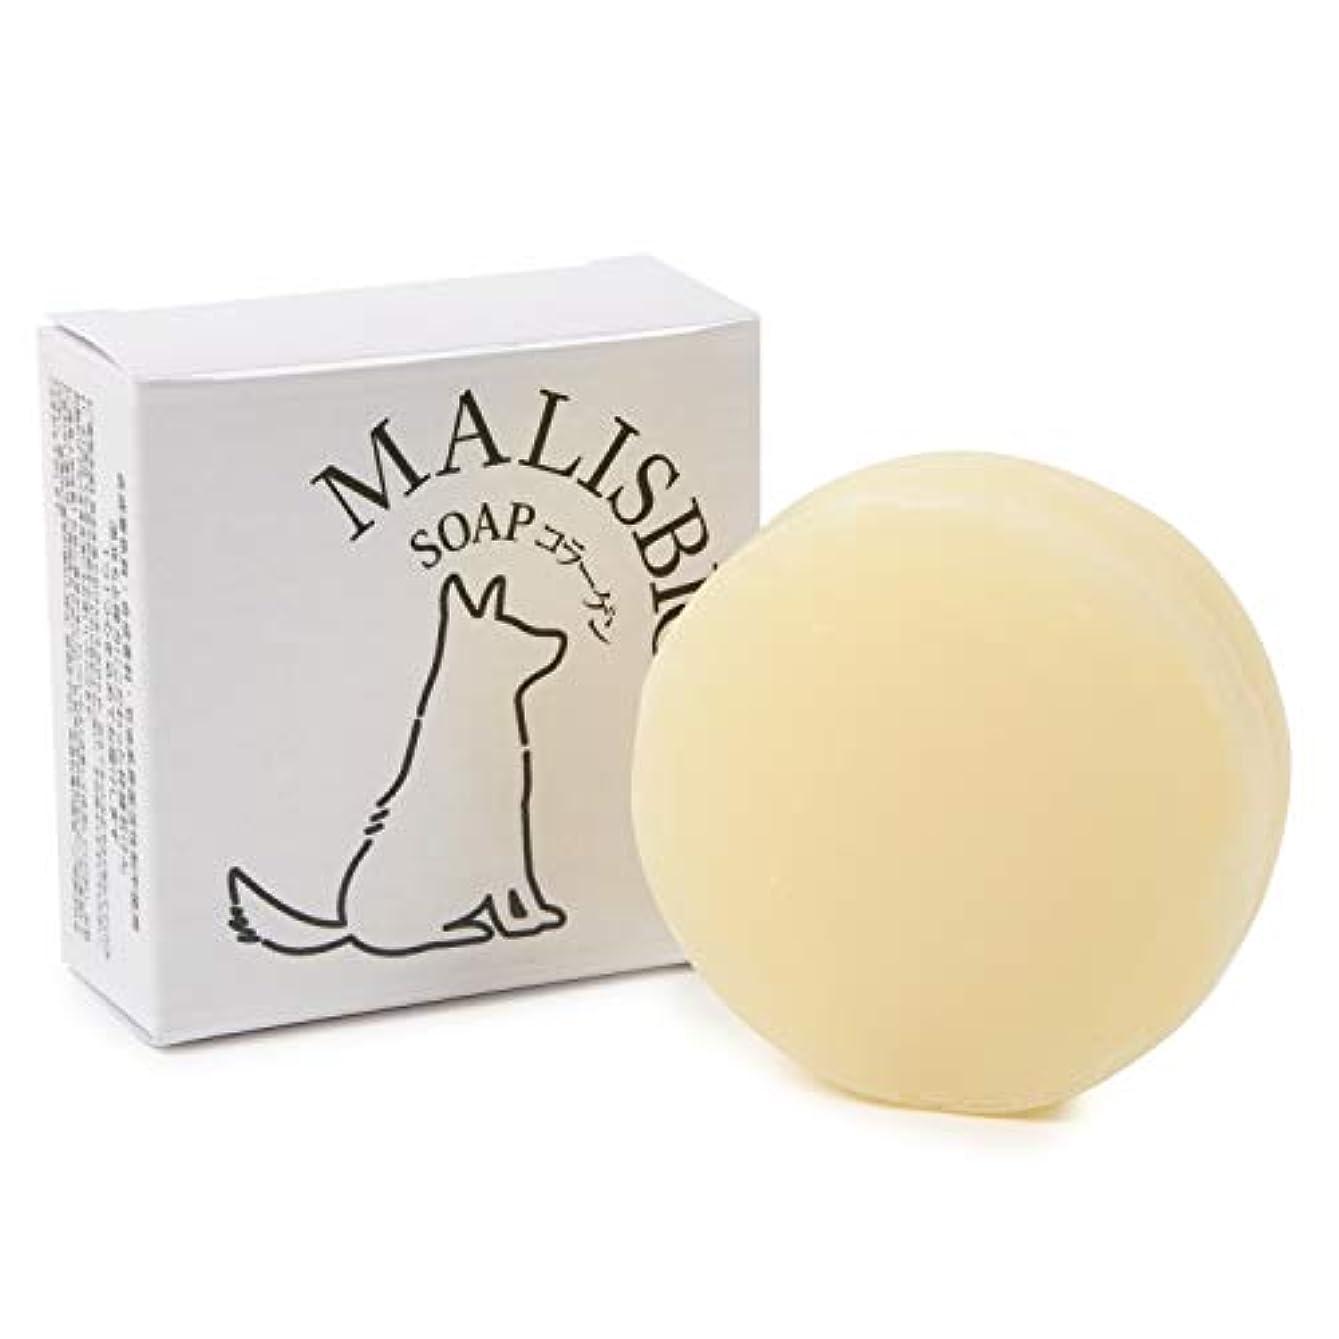 頑固な脊椎味コラーゲンソープ 洗顔石鹸 固形 無添加 お肌に優しい成分のみ 敏感肌 毛穴にも 日本製 マリスビオ